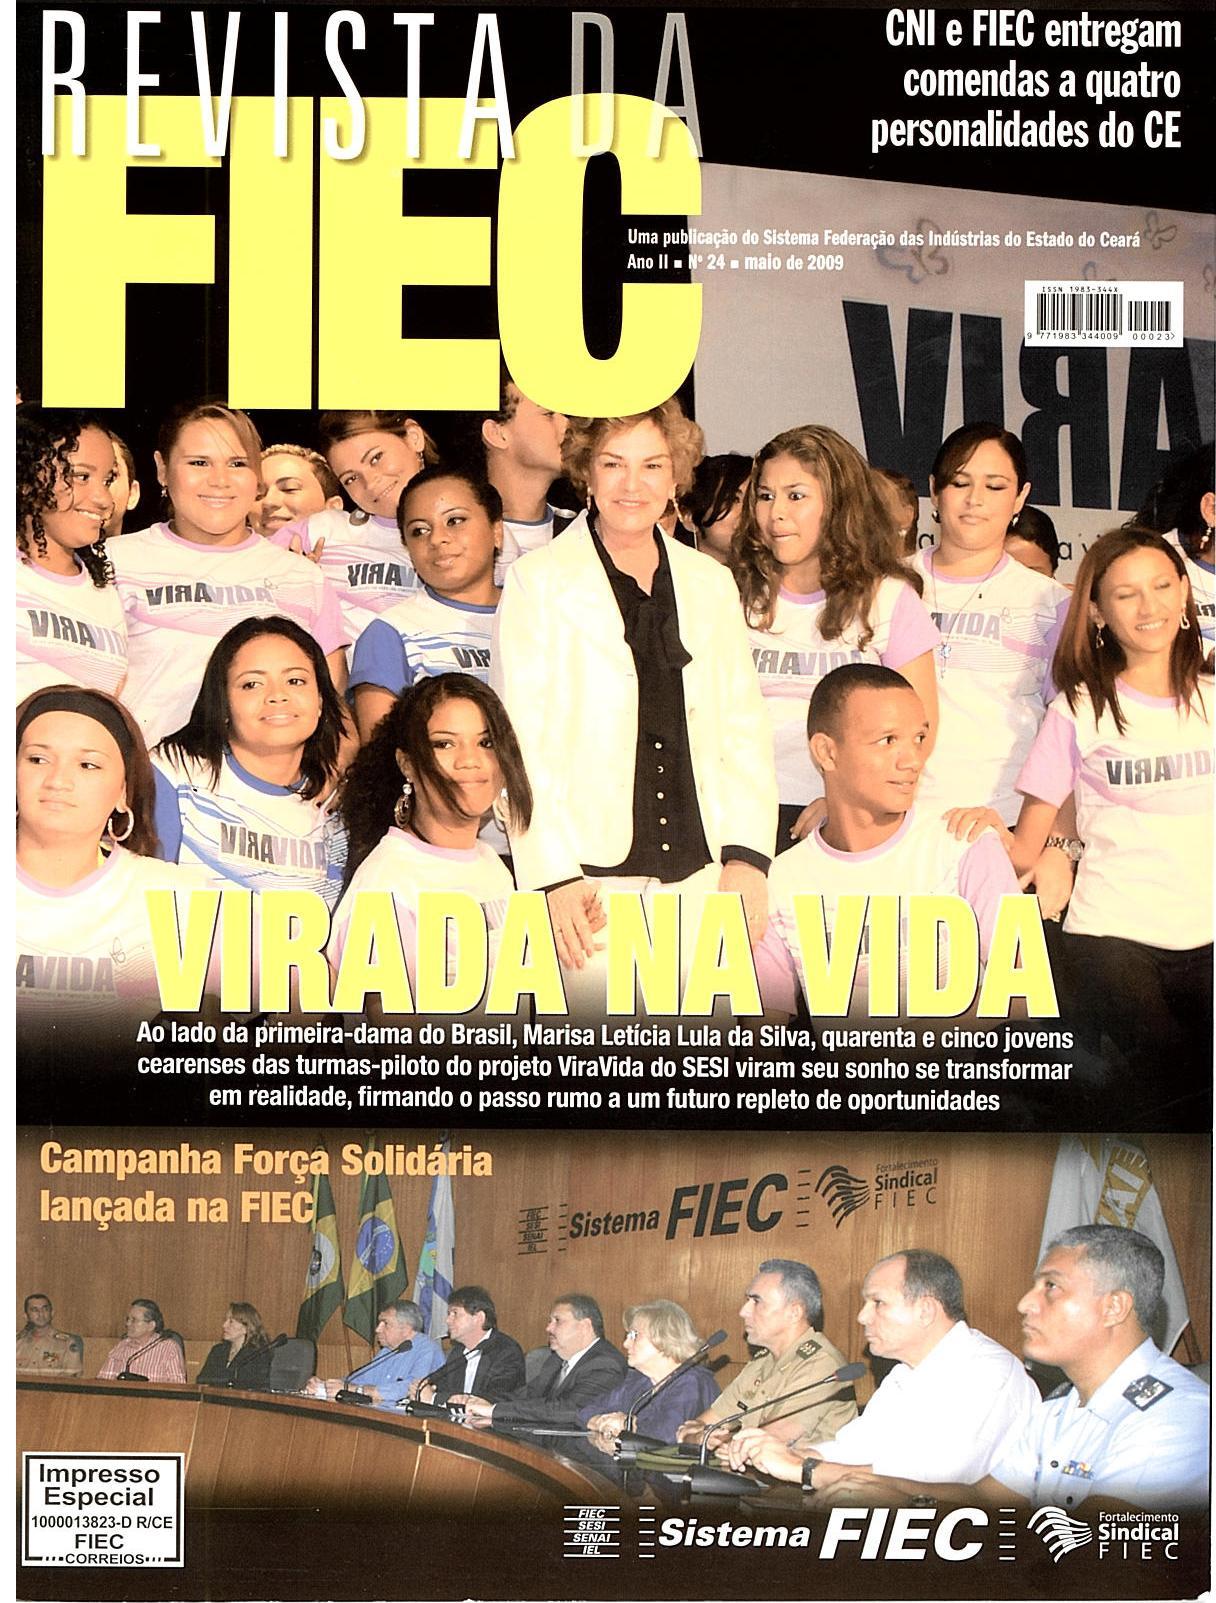 Reportagem na revista da FIEC sobre a implantação das ZPEs no Ceará